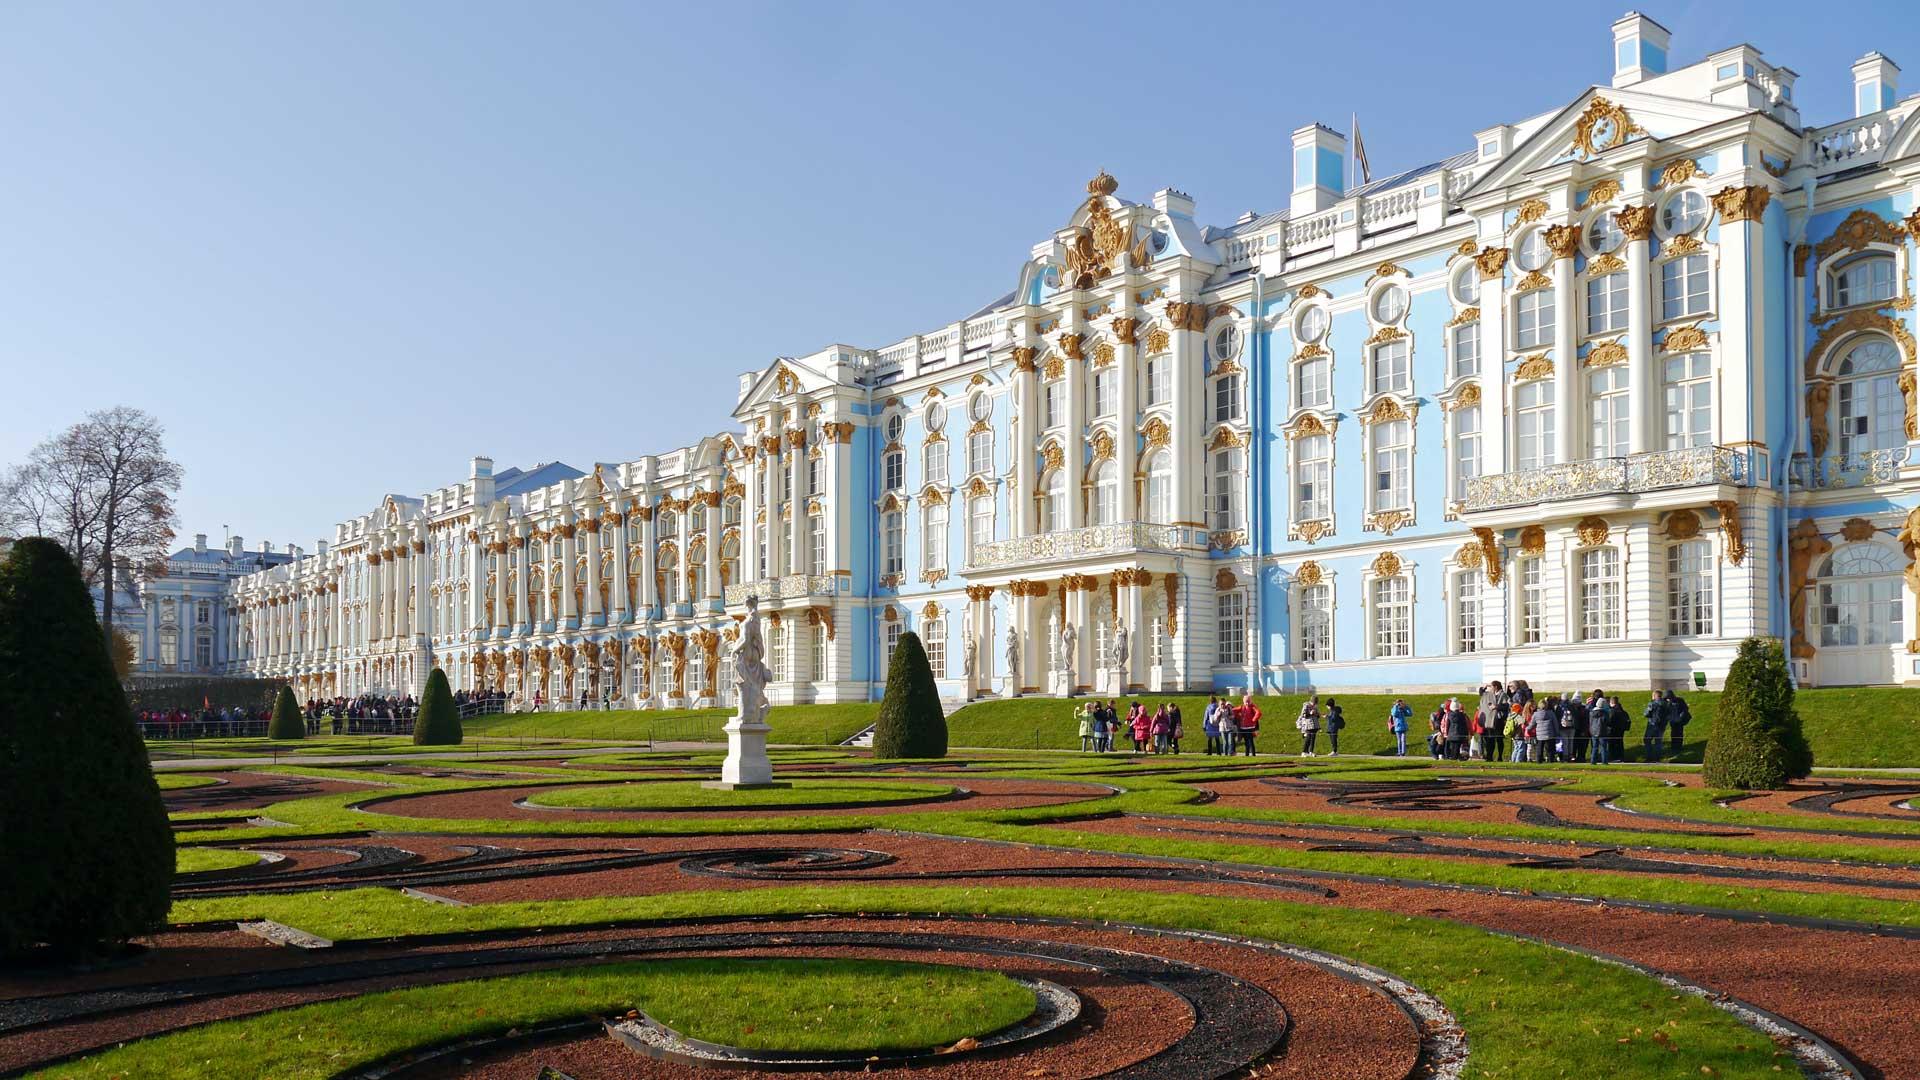 Der prachtvolle Sommersitz der Zaren: Der Katharinenpalast